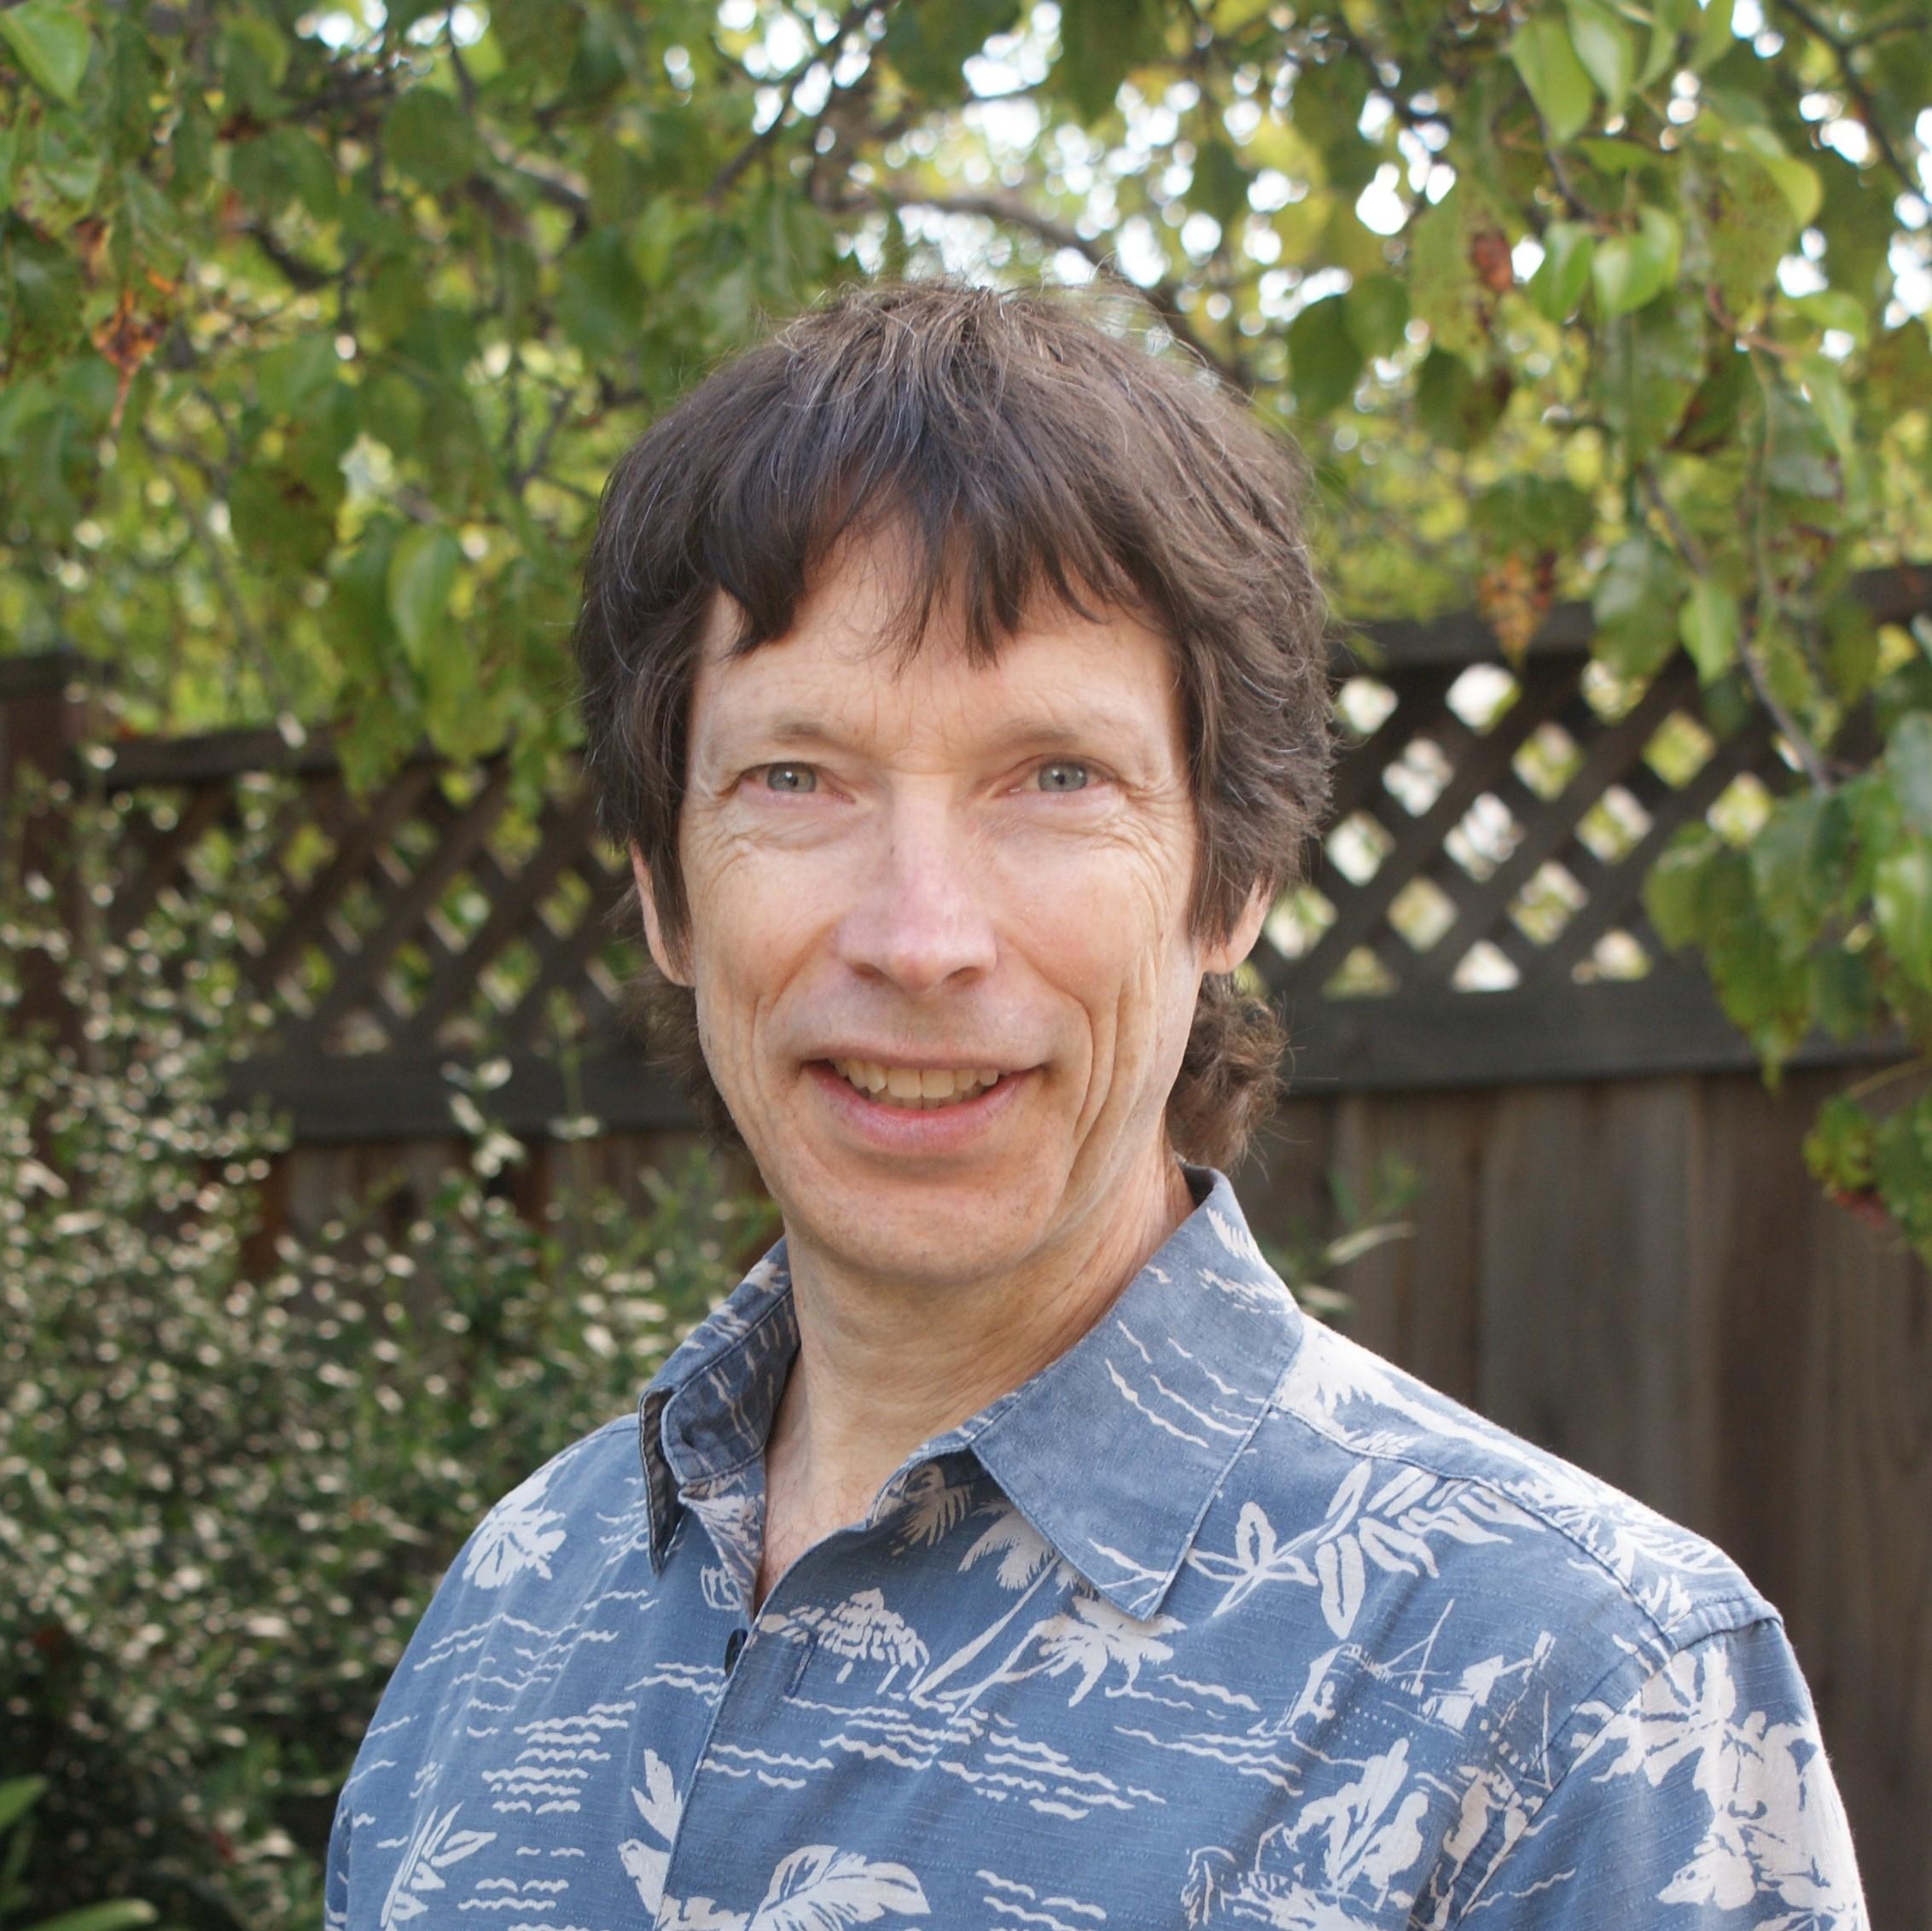 Andrew Heartman